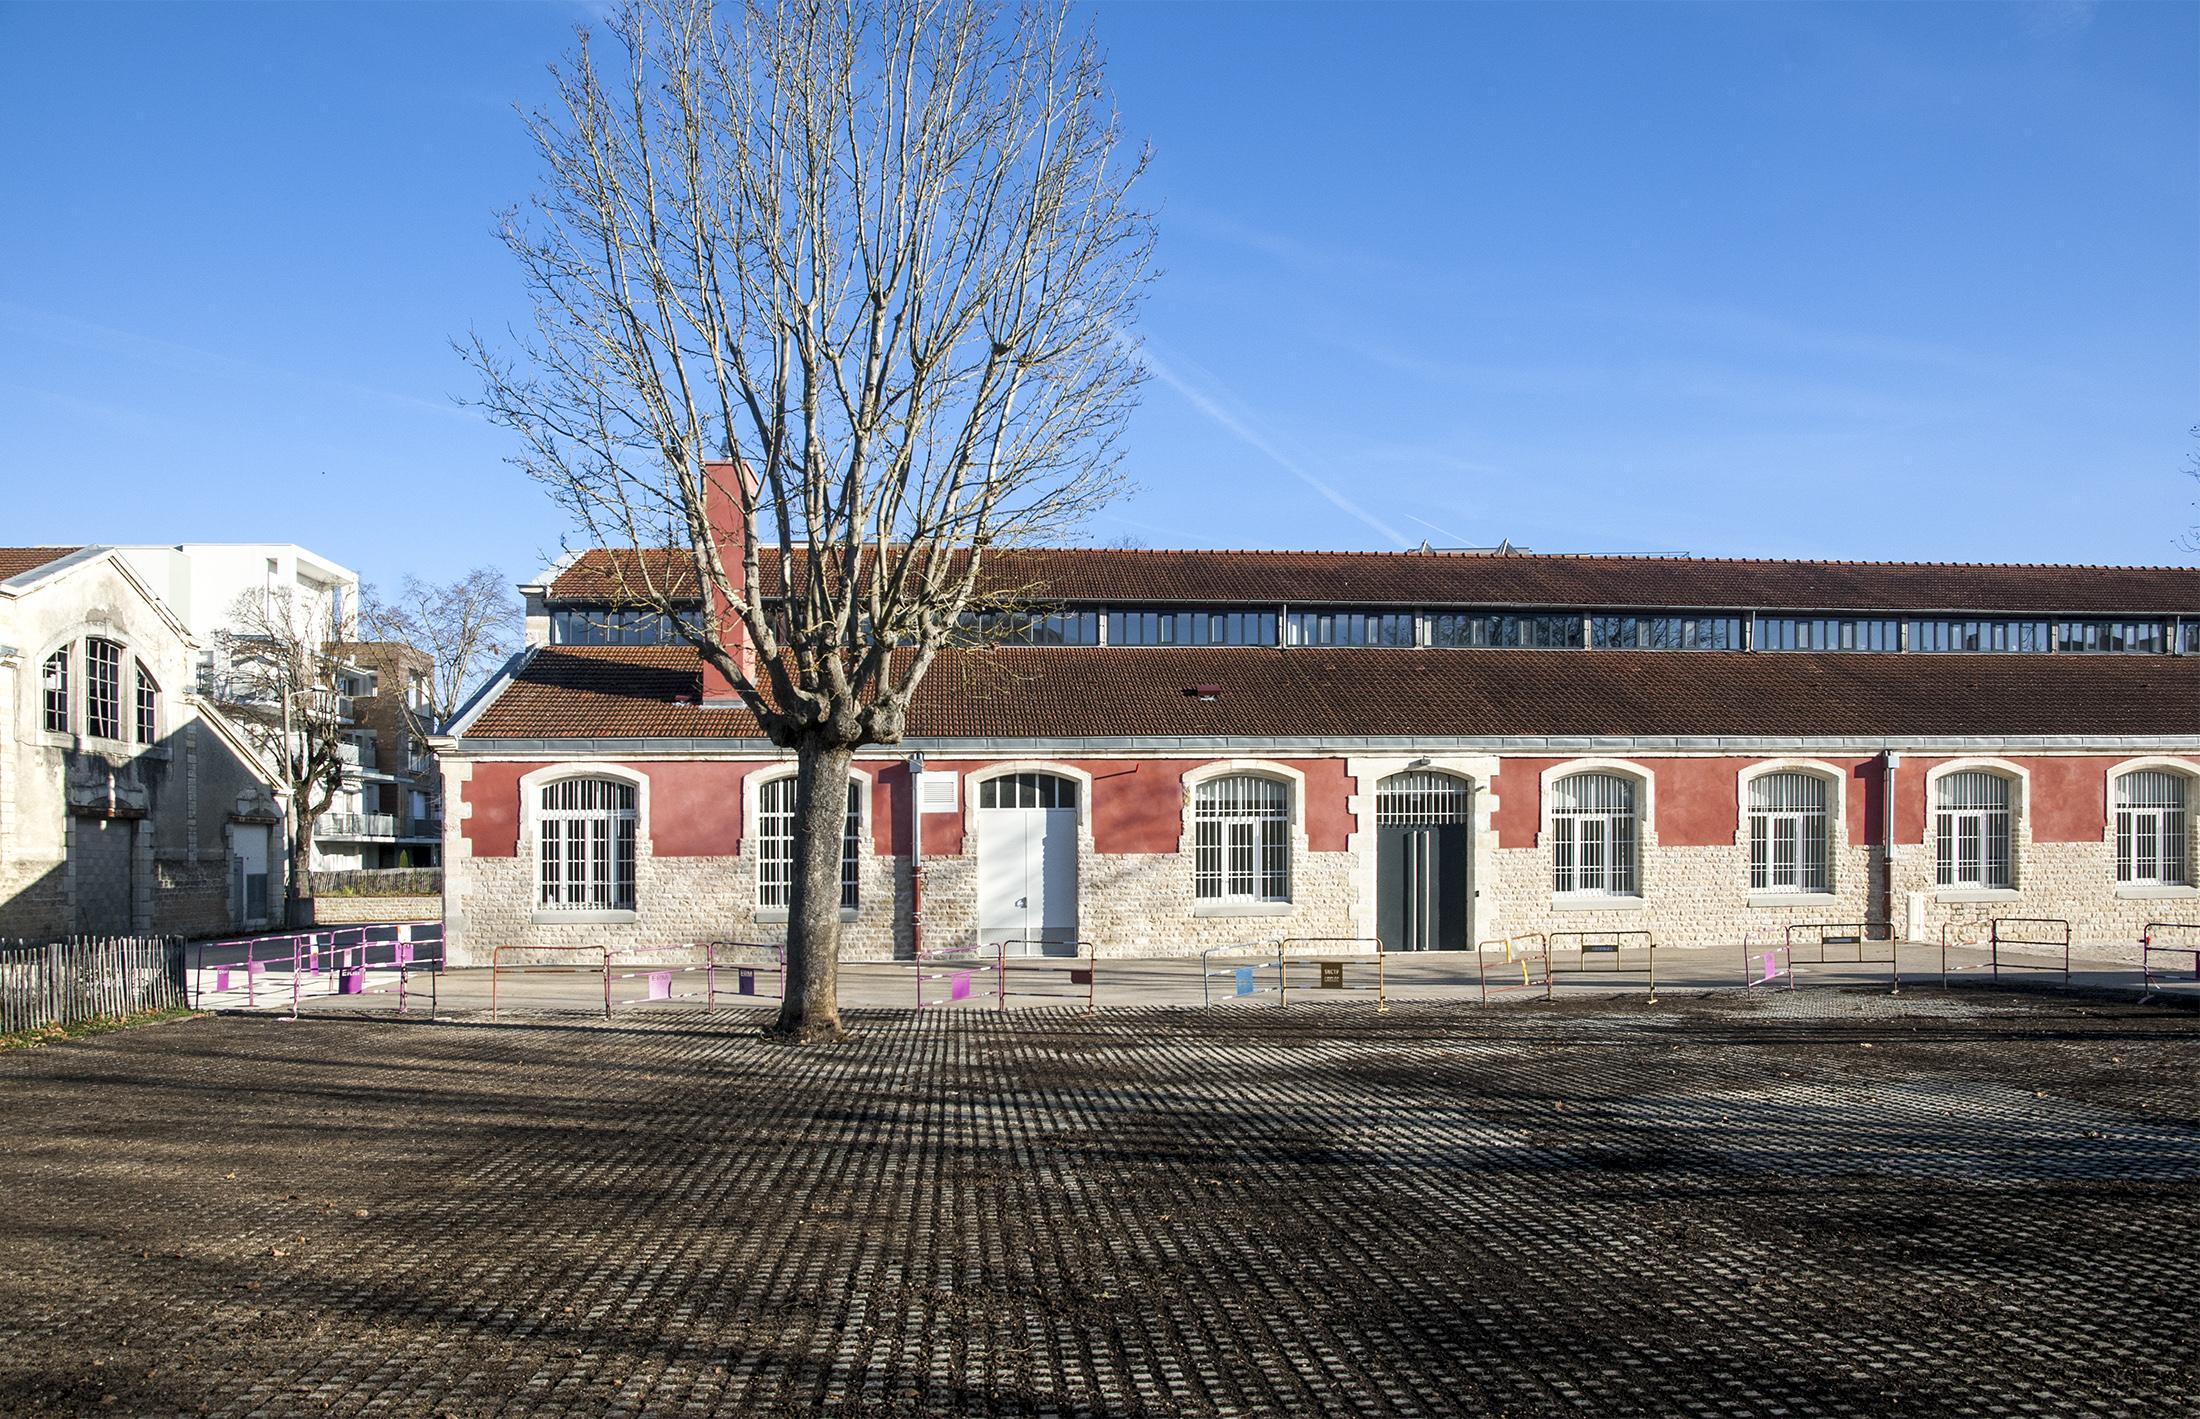 Chouette architecture - réhabilitation Halle 38 Dijon - 2200b 16